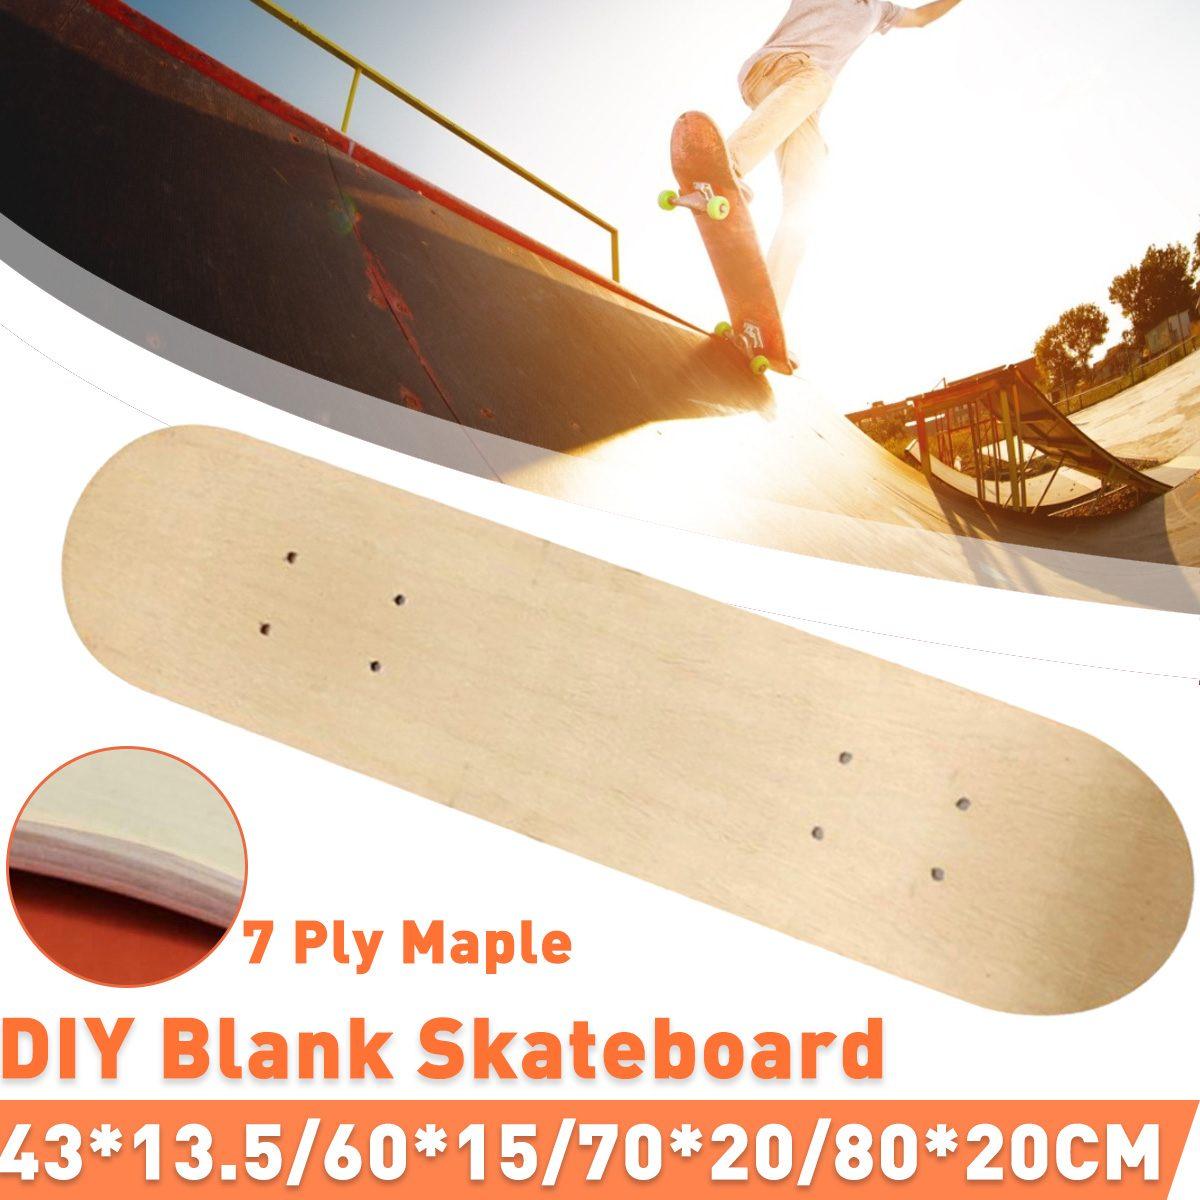 7-layer Maple Long Board Deck Skateboard Dance Board Panel Four Wheels Scooter Freestyle Road Board DIY Skate Board Deck